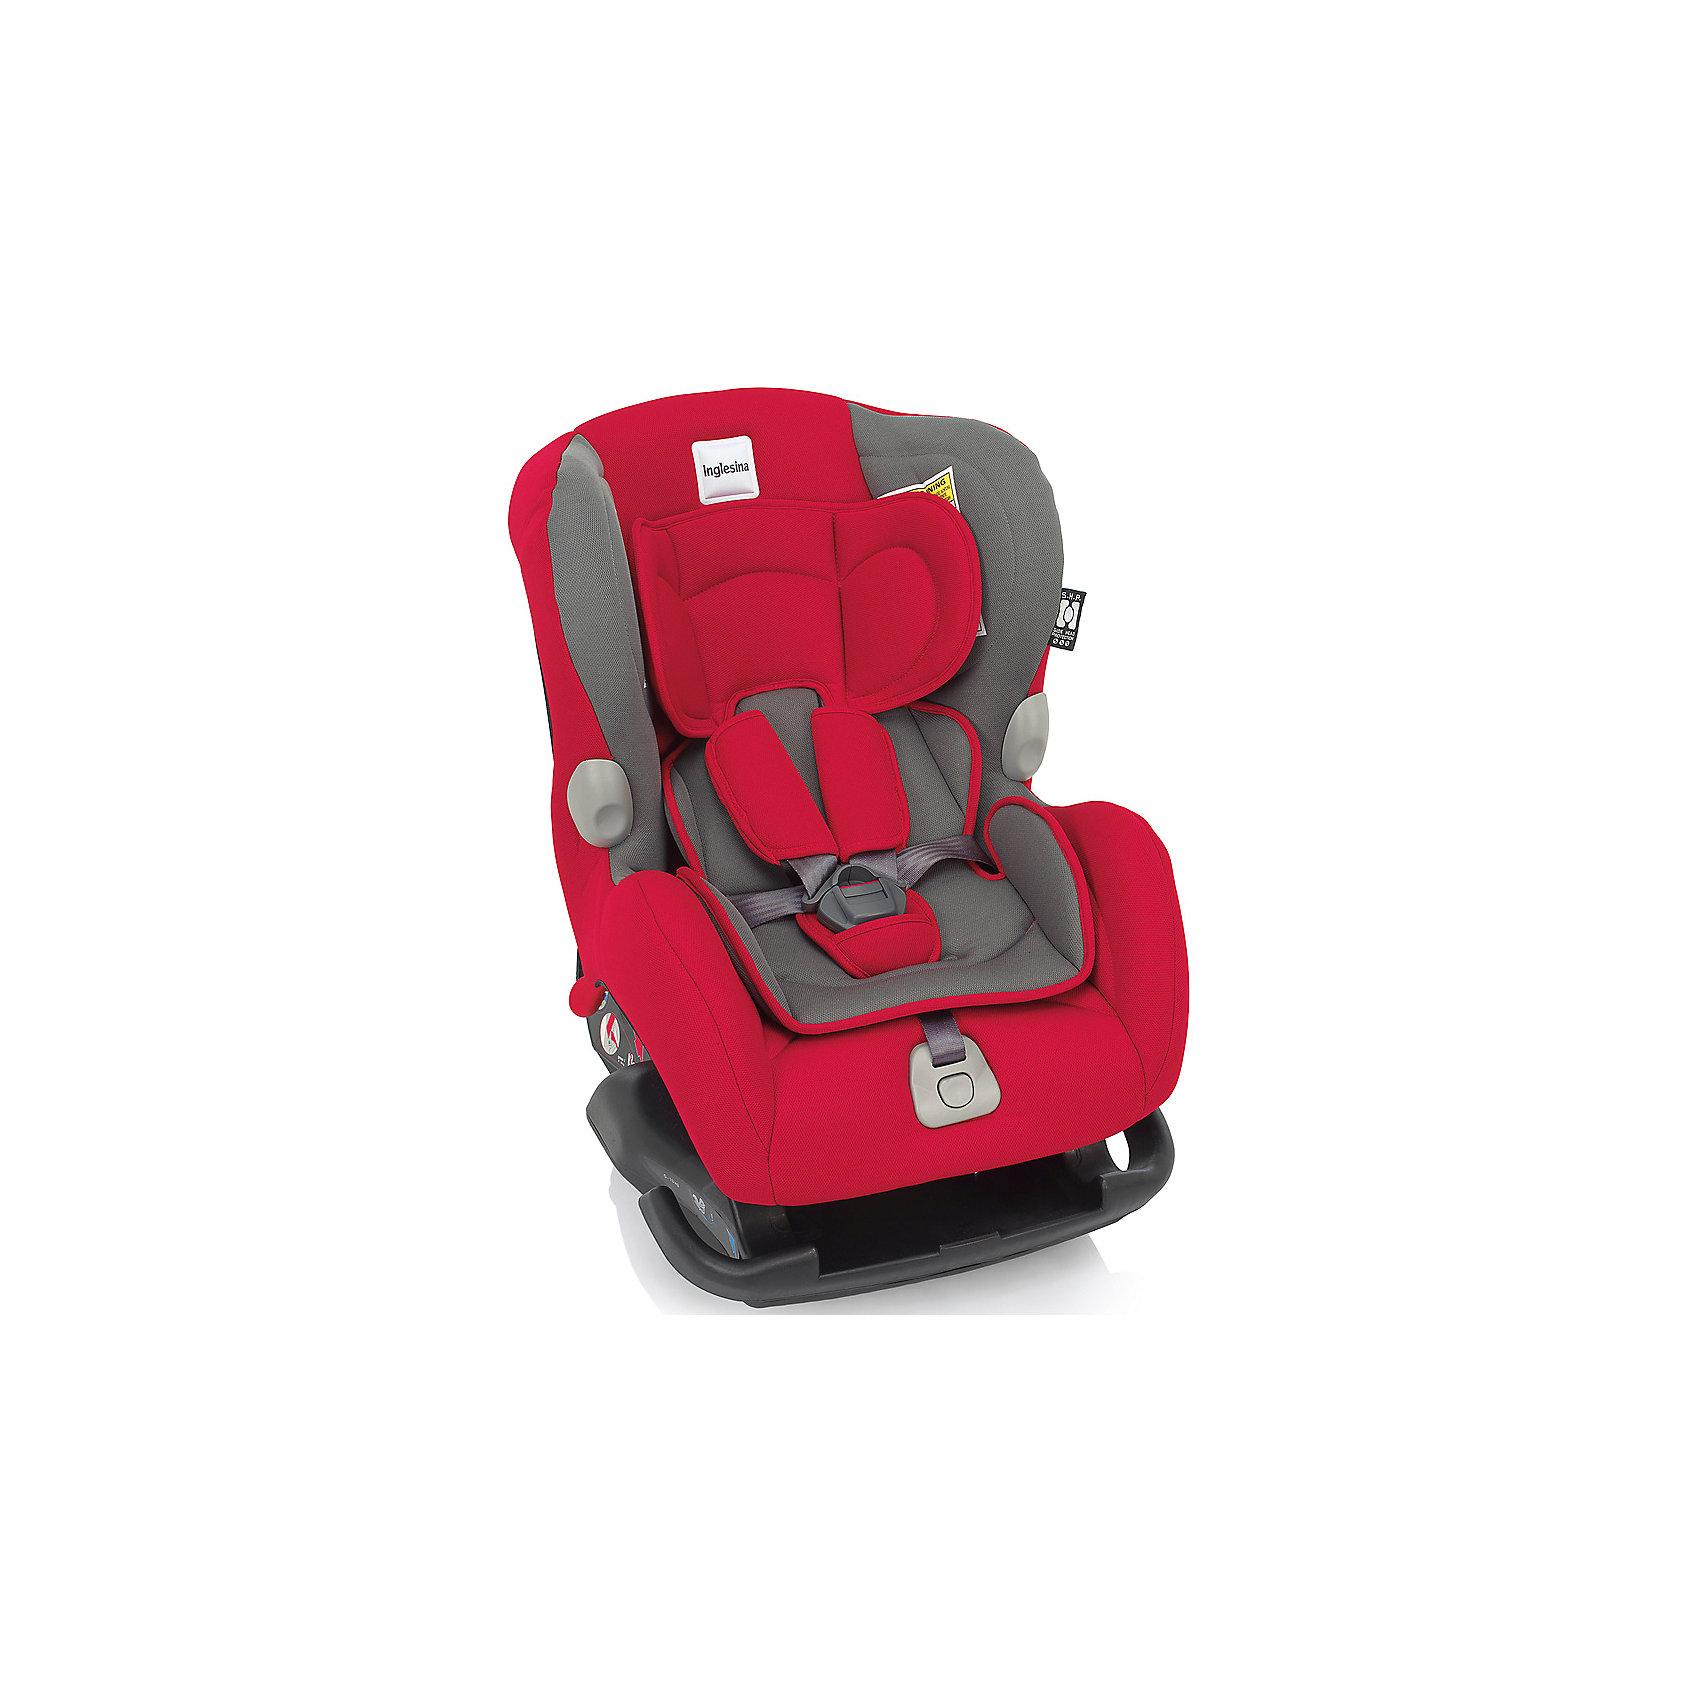 Автокресло Inglesina Marco Polo 0-18 кг, RedГруппа 0+, 1 (До 18 кг)<br>Автокресло Marco Polo - прекрасный вариант для малышей, с ним поездки в автомобиле всегда будут безопасными и комфортными. Технология Side Head Protection защитит малышей от боковых ударов. Модель имеет подушку для поддержки головы из дышащего материала для новорожденных детей и шесть режимов наклона сиденья для комфортного отдыха во время путешествий. Кресло обладает удобной универсальной конструкцией и приятной на ощупь обивкой. Чехлы сшиты из практичной и прочной ткани. Их можно снимать и стирать в режиме деликатной стирки. Модель предусматривает уютный вкладыш для малышей с пятиточечными ремнями безопасности с мягкими накладками.  <br><br>Дополнительная информация:<br><br>- Материал: текстиль, пластик, металл.<br>- Размер: 58х44х65 см.<br>- Вес: 6 кг.<br>- Группа 0+/1 (до 18 кг).<br>- Устанавливается по ходу и против хода движения. <br>- Пятиточечные ремни безопасности с мягкими накладками.<br>- Мягкий вкладыш. <br>- Крепится в автомобиле с помощью штатных ремней.<br>- Регулировка наклона спинки в 6 положениях.<br><br>Автокресло Marco Polo 0-18 кг., Inglesina (Инглезина), Red, можно купить в нашем магазине.<br><br>Ширина мм: 585<br>Глубина мм: 470<br>Высота мм: 605<br>Вес г: 10800<br>Возраст от месяцев: 0<br>Возраст до месяцев: 48<br>Пол: Унисекс<br>Возраст: Детский<br>SKU: 4764258